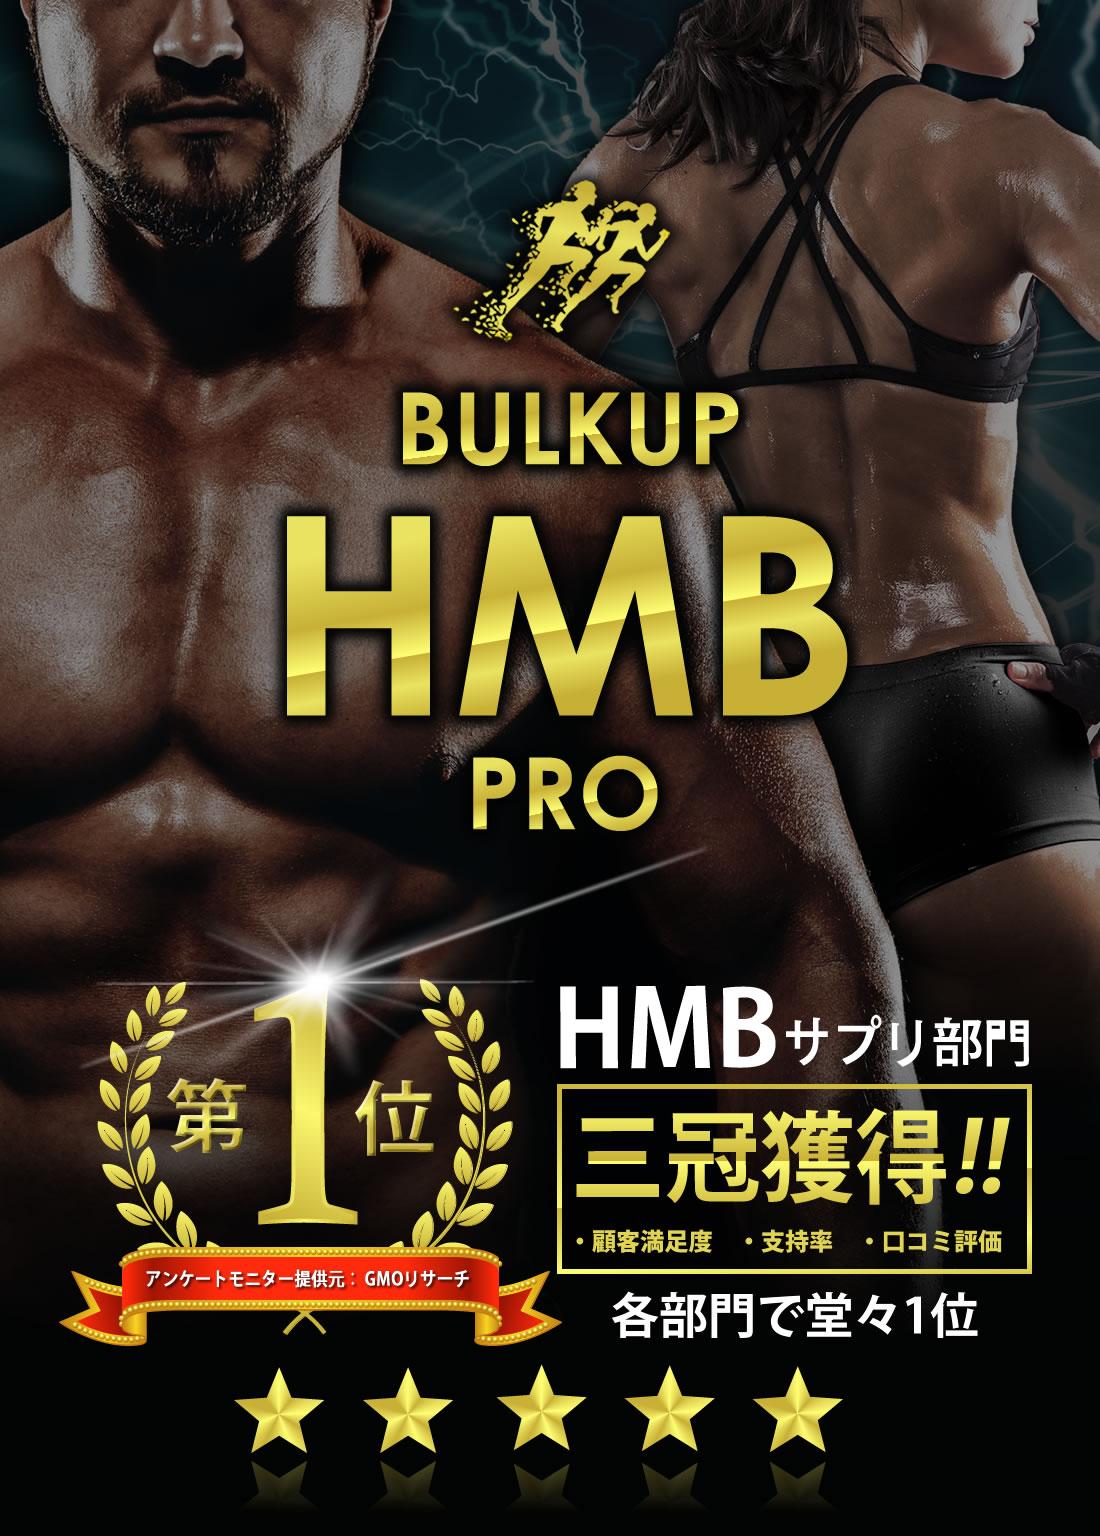 バルクアップHMBプロは「効果なし?」噂の筋肉サプリの効果は ...